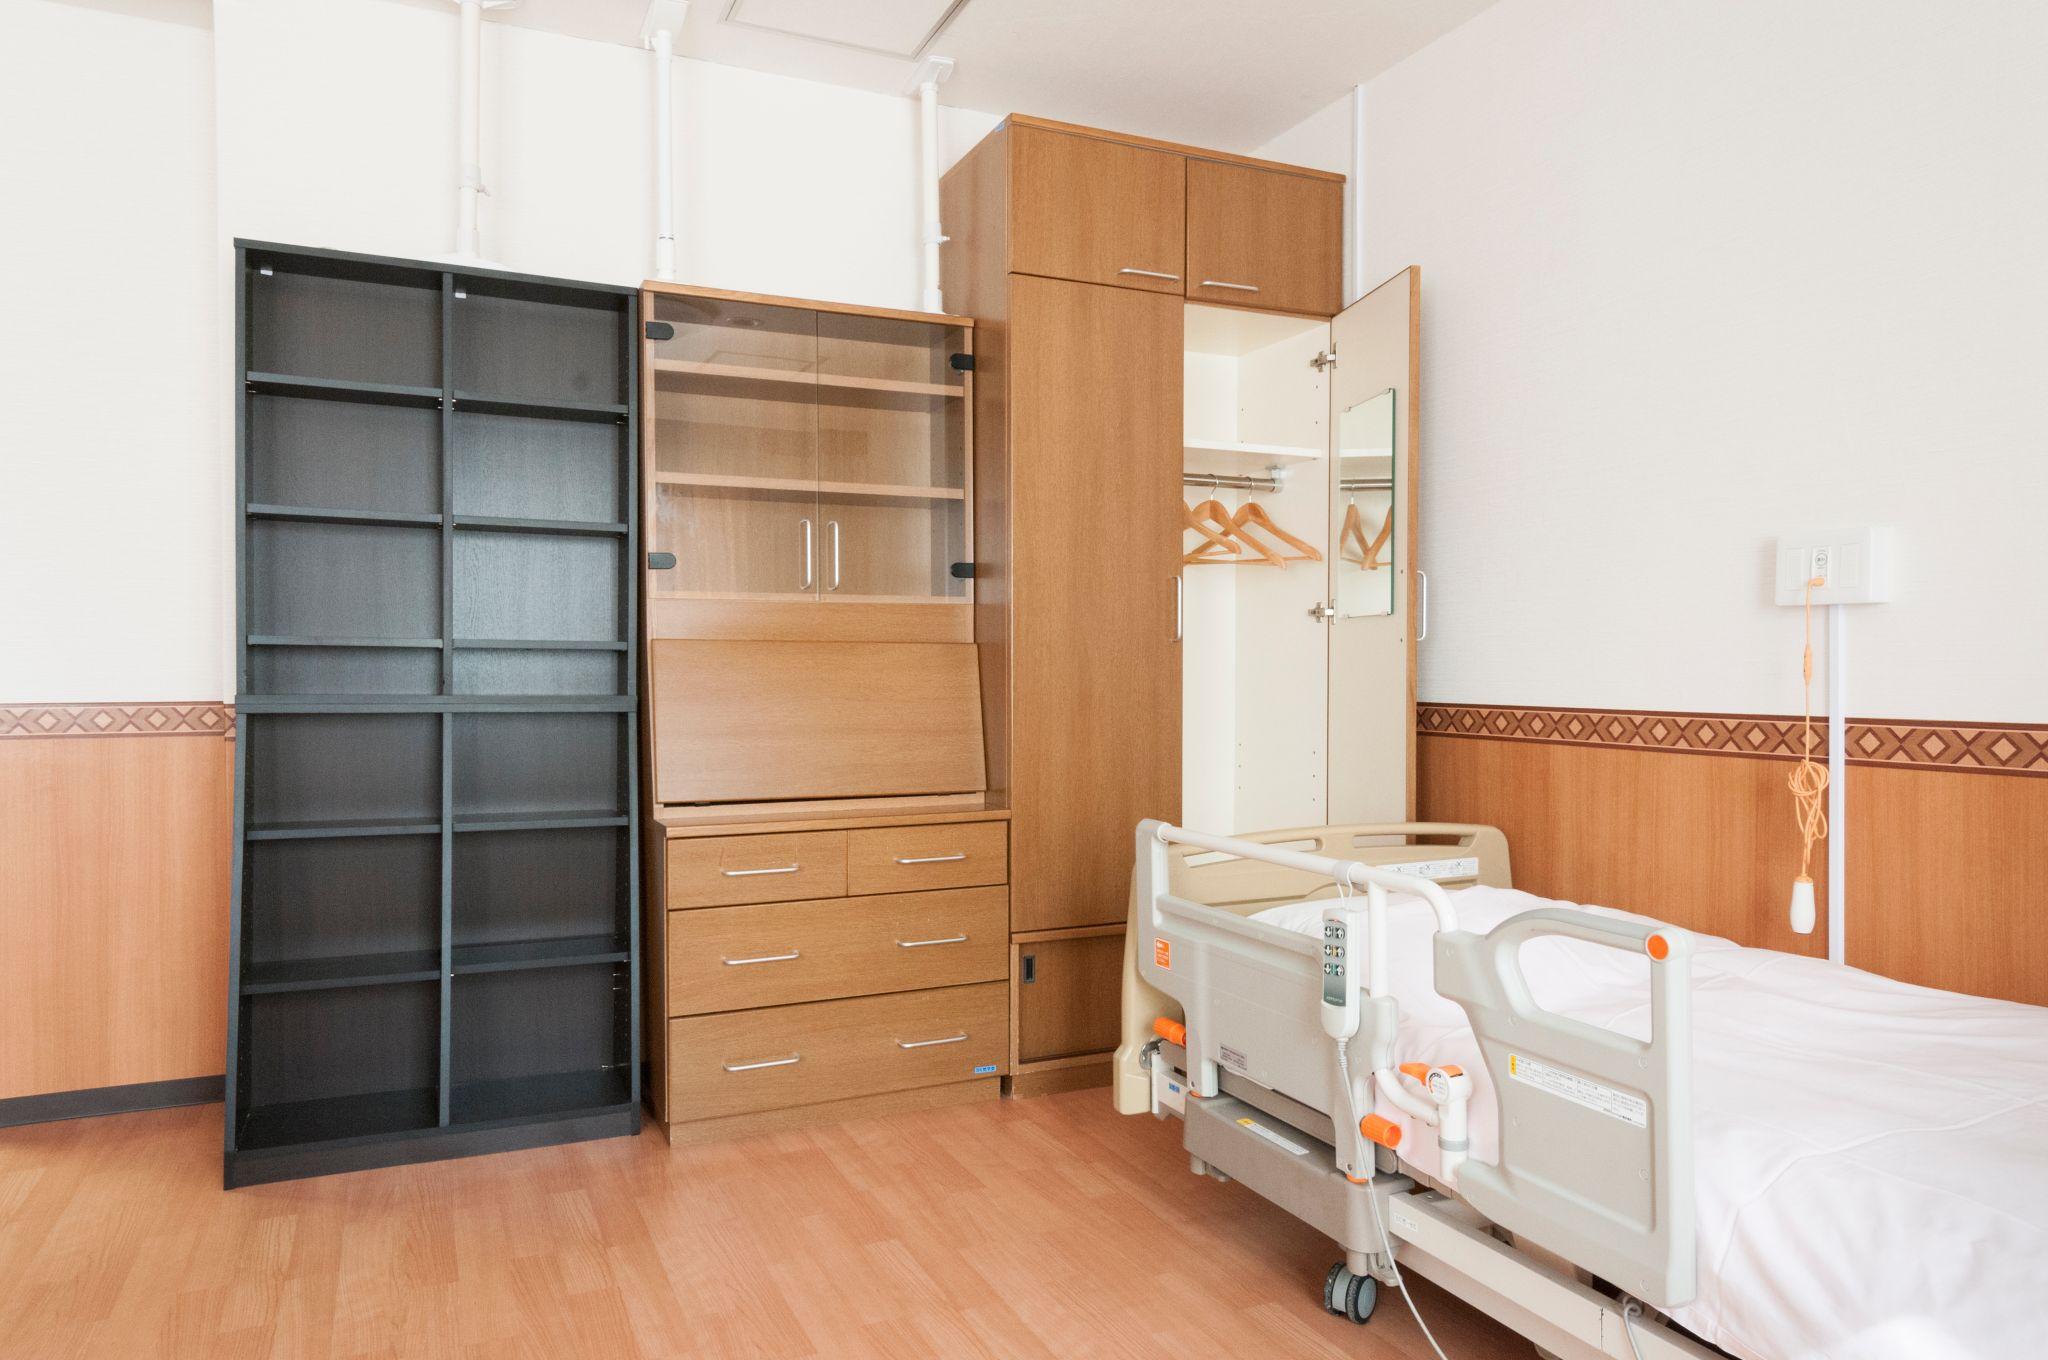 ツインルーム N棟 203号室 24.41㎡ イメージ2